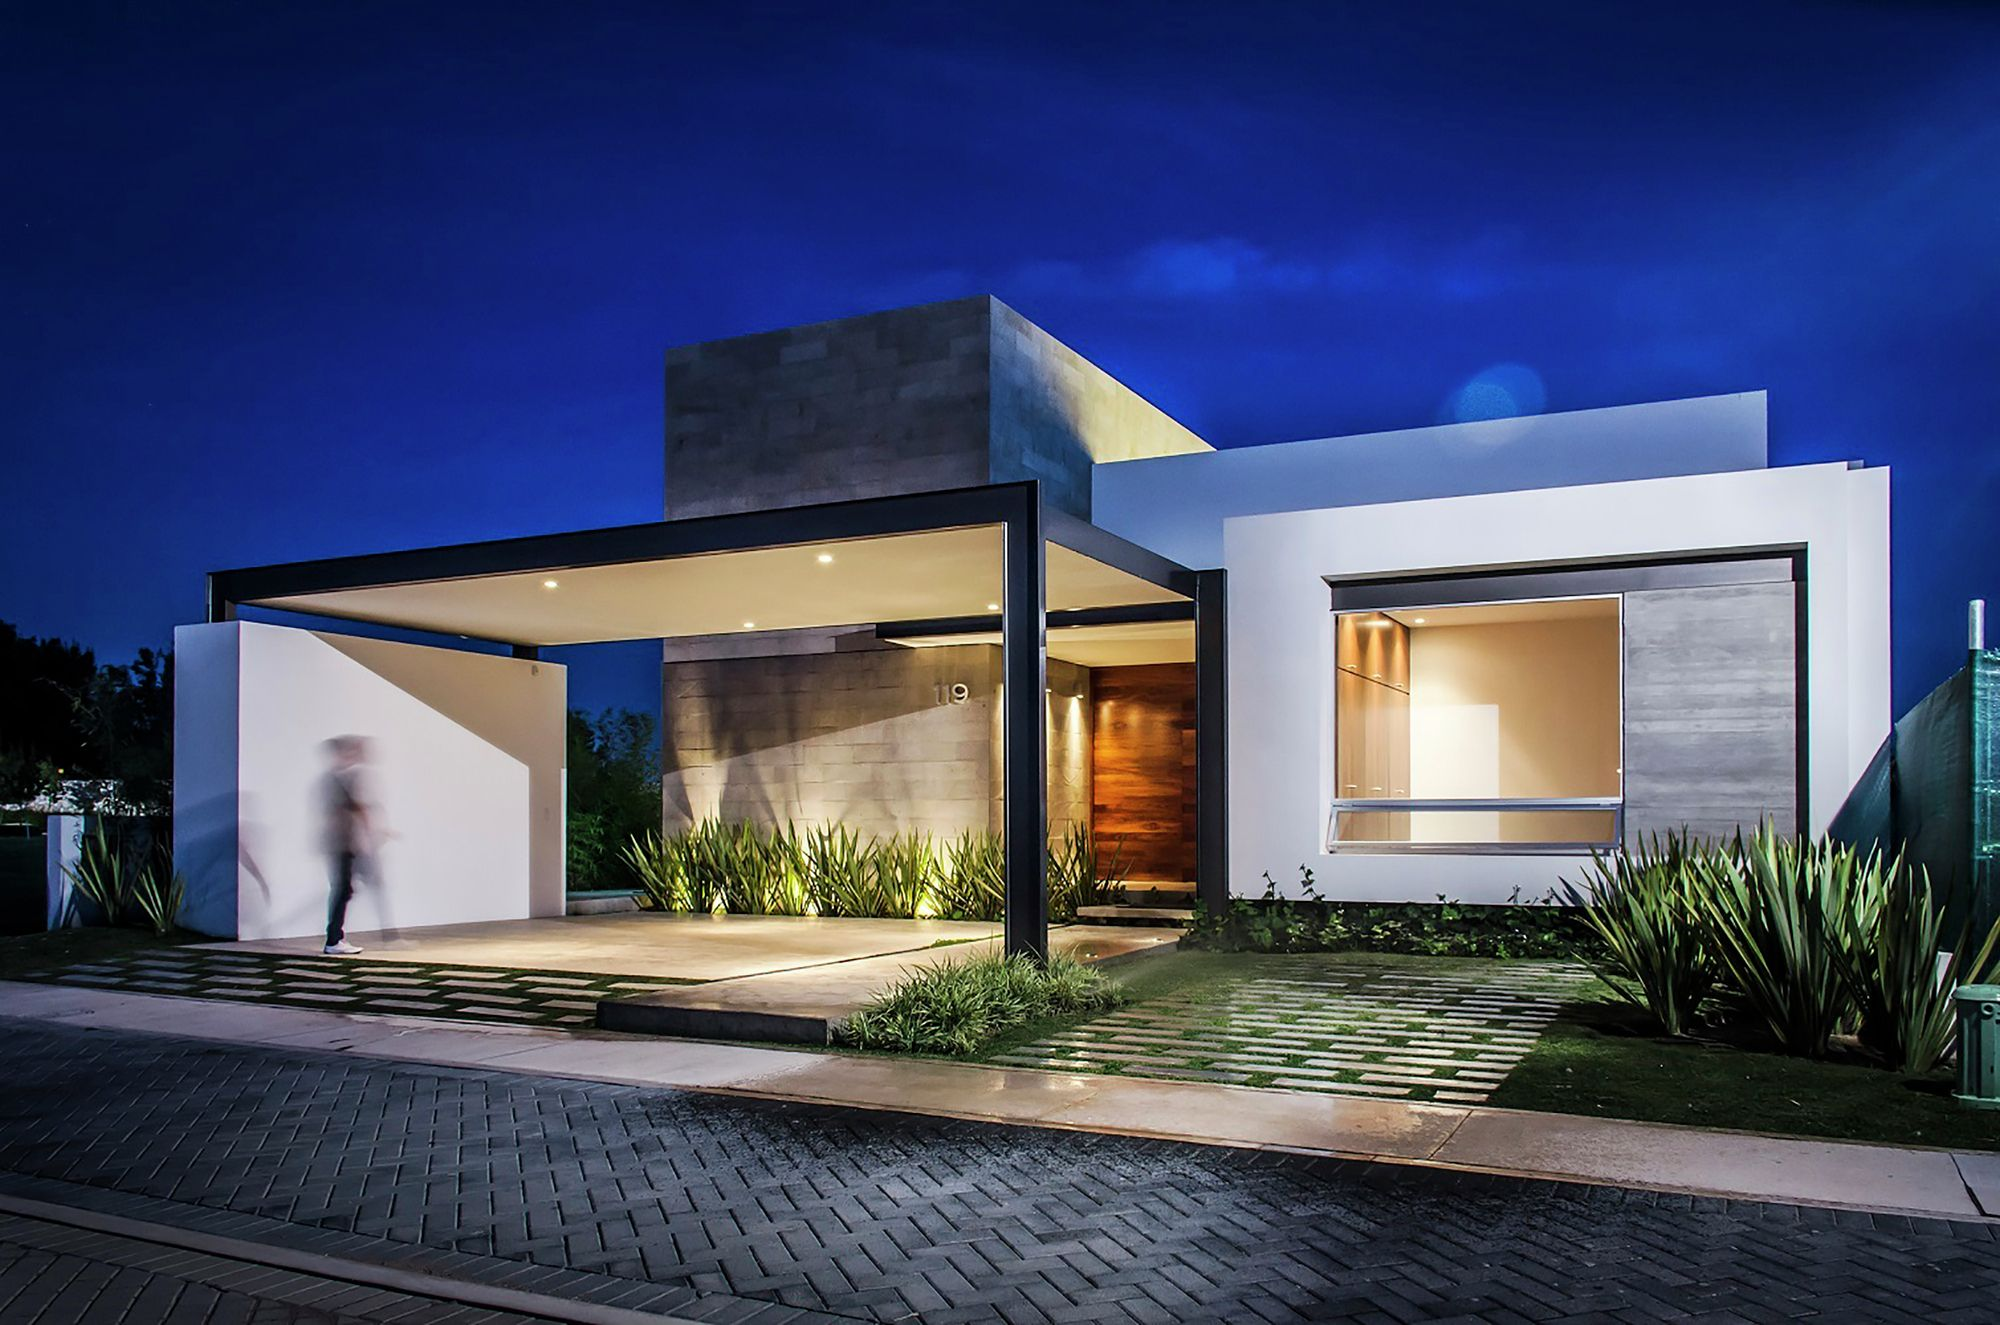 Dise o de casa moderna de un piso con tres dormitorios hermosa construcci n en rea de 234 m for Colori casa moderna